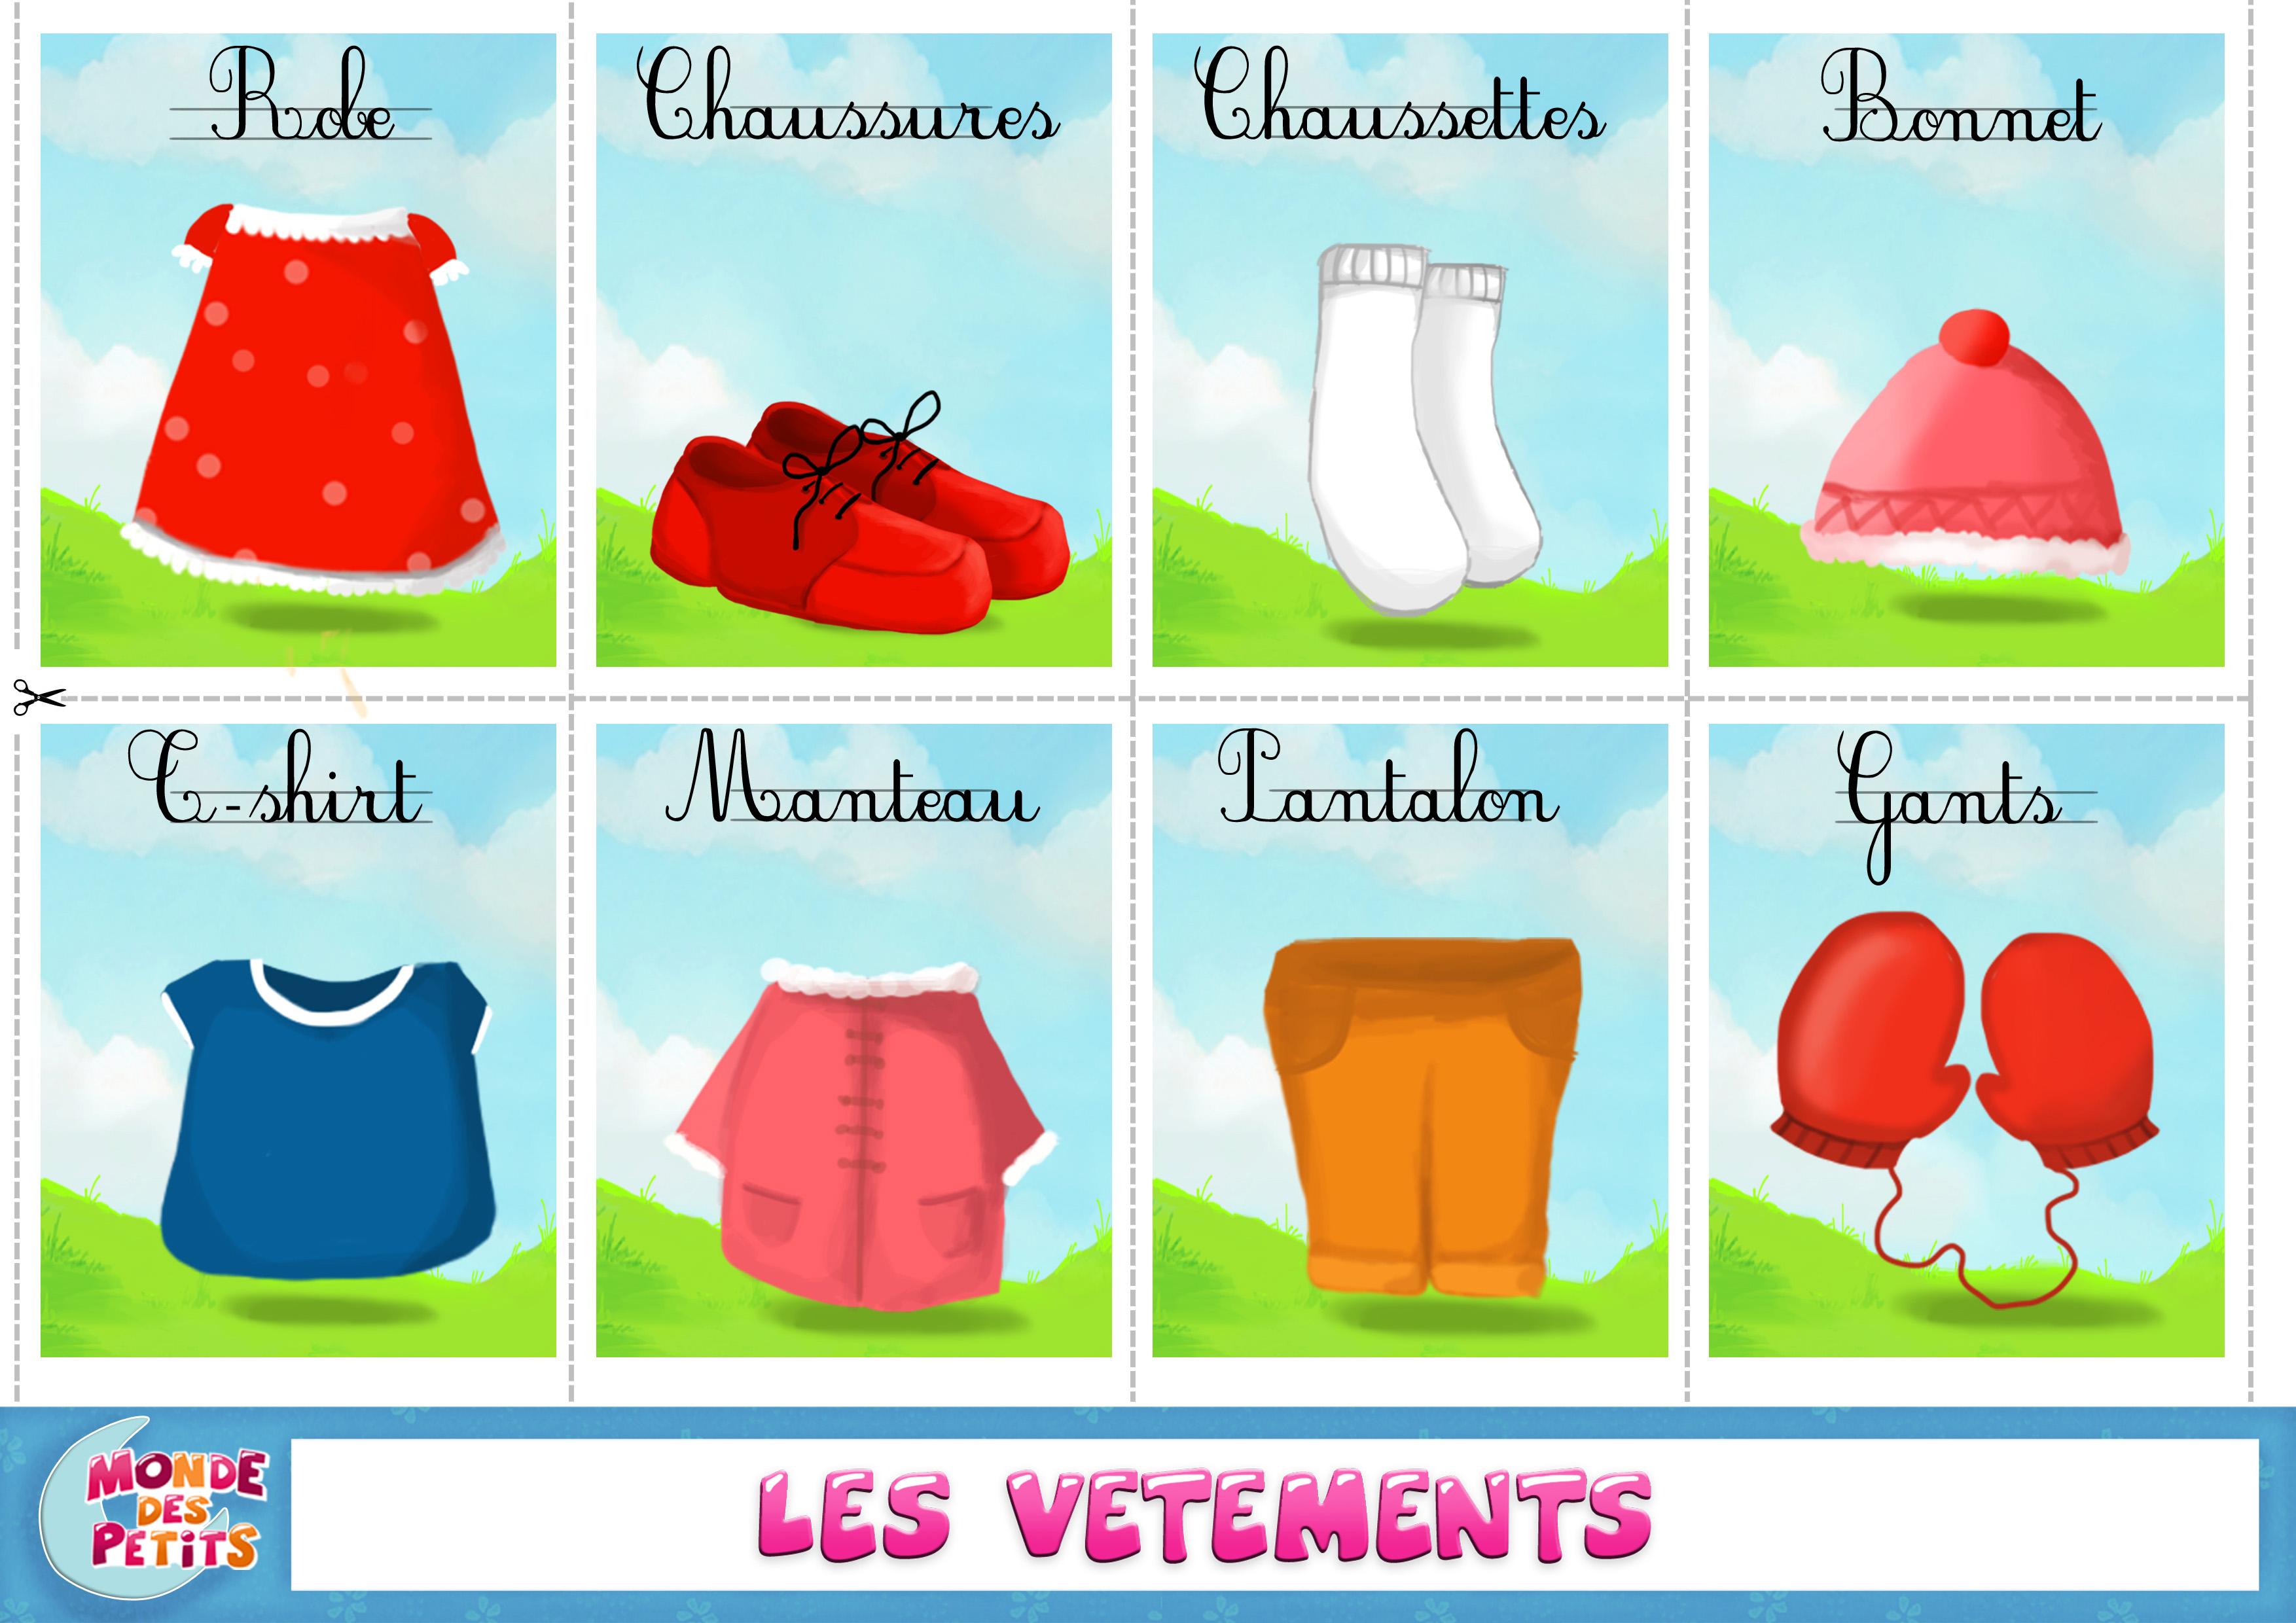 Apprendre vetements 3508 2480 hs french for Anglais vocabulaire maison